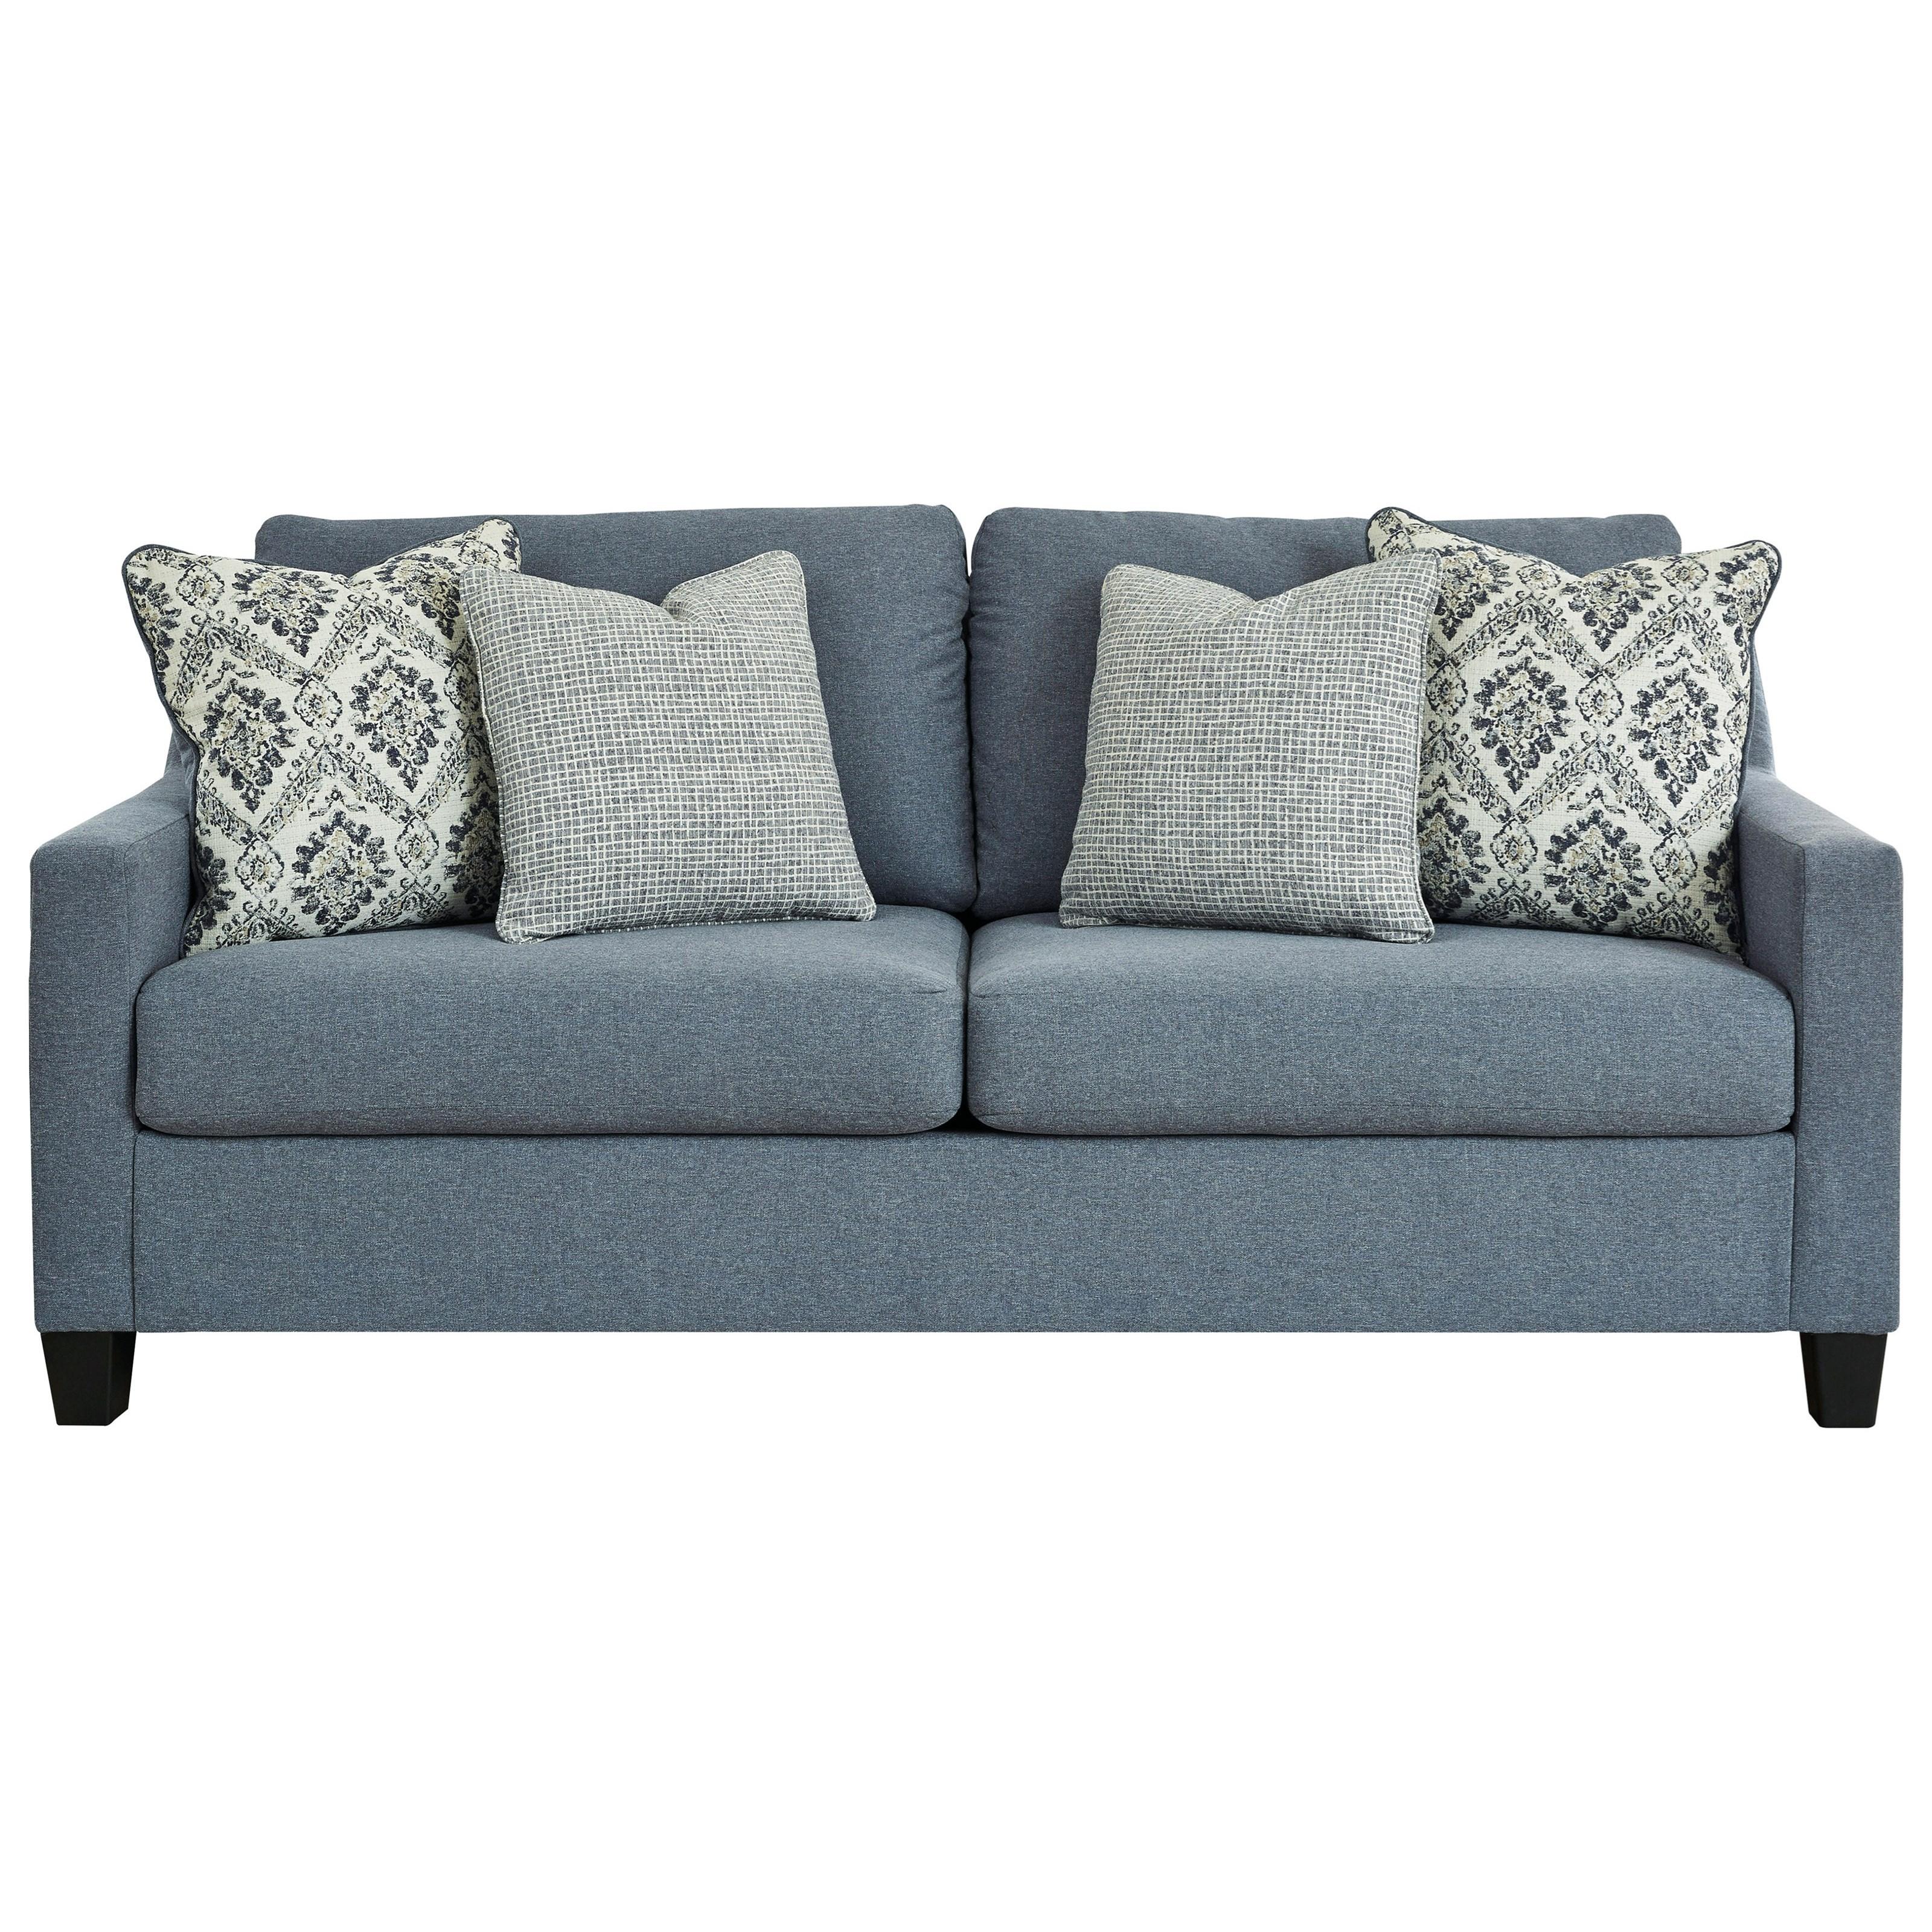 Contemporary Sofa in Blue Fabric